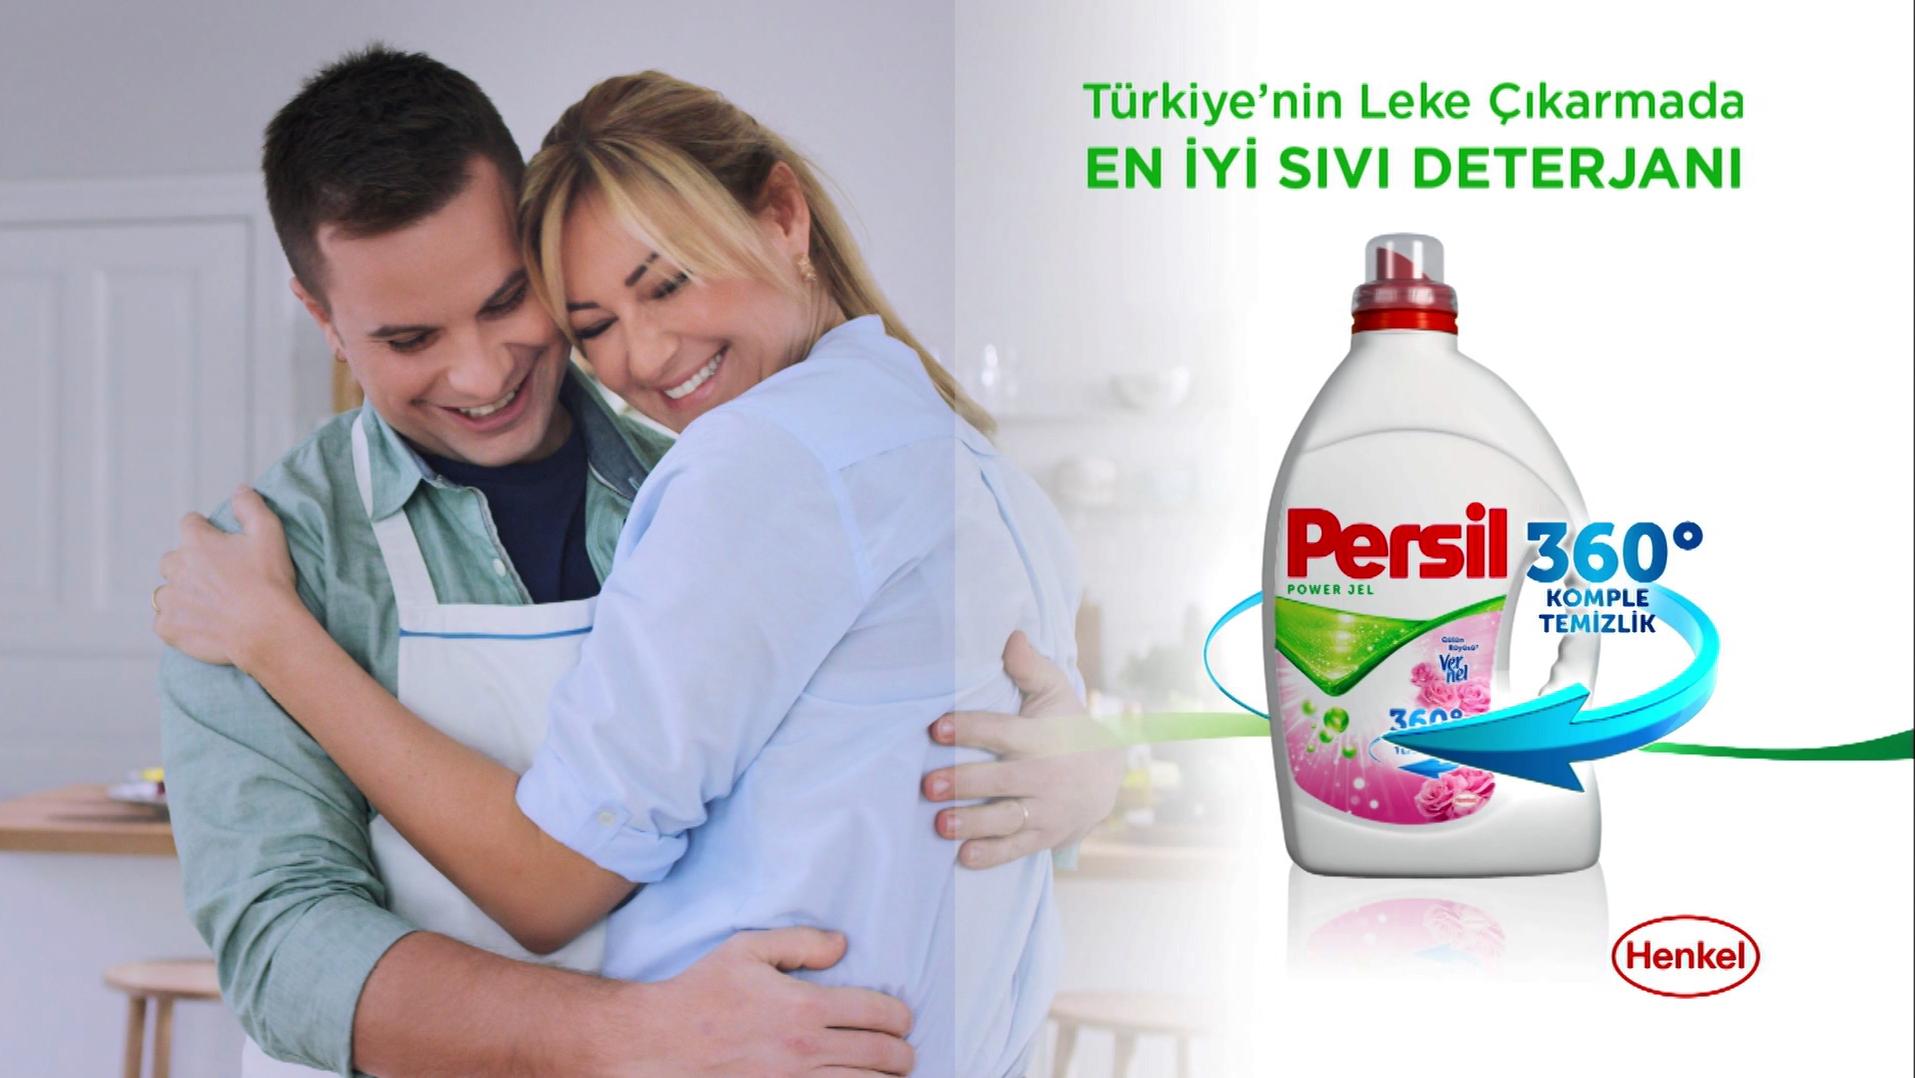 Pınar Altuğ ve Yağmur Atacan Persil için kamera karşısına geçtiler!